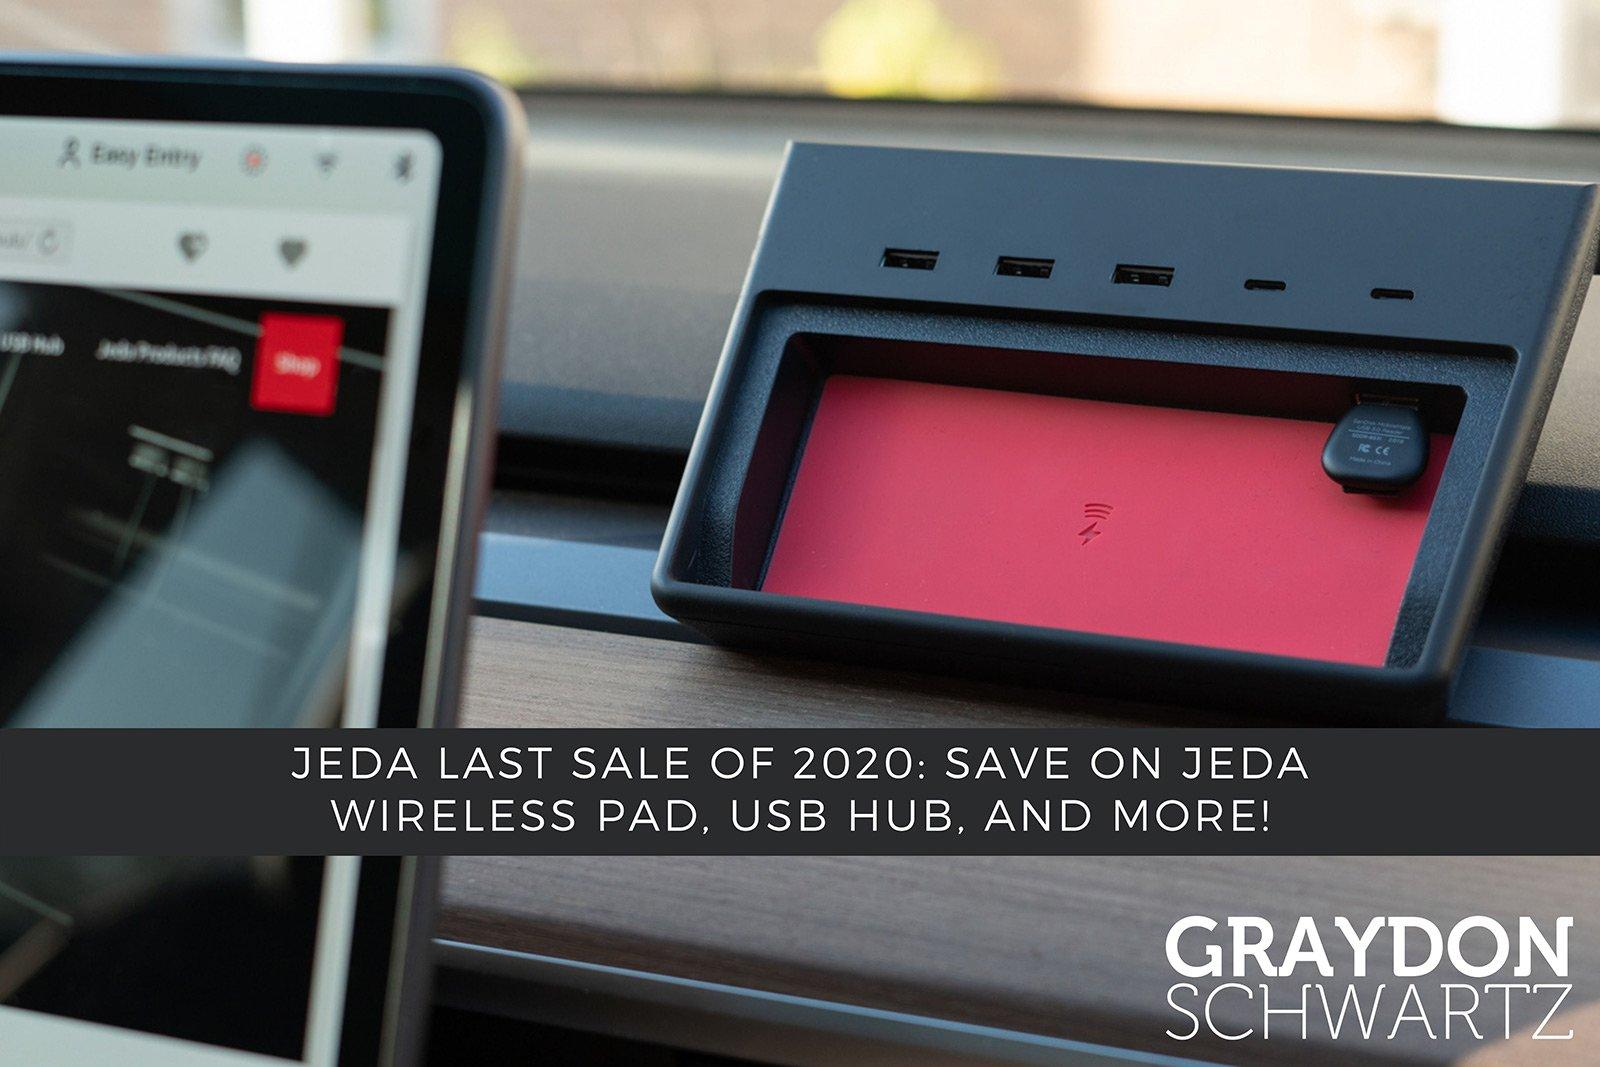 Jeda Última venta de 2020: Ahorra en la almohadilla inalámbrica de Jeda, el concentrador USB y mucho más.